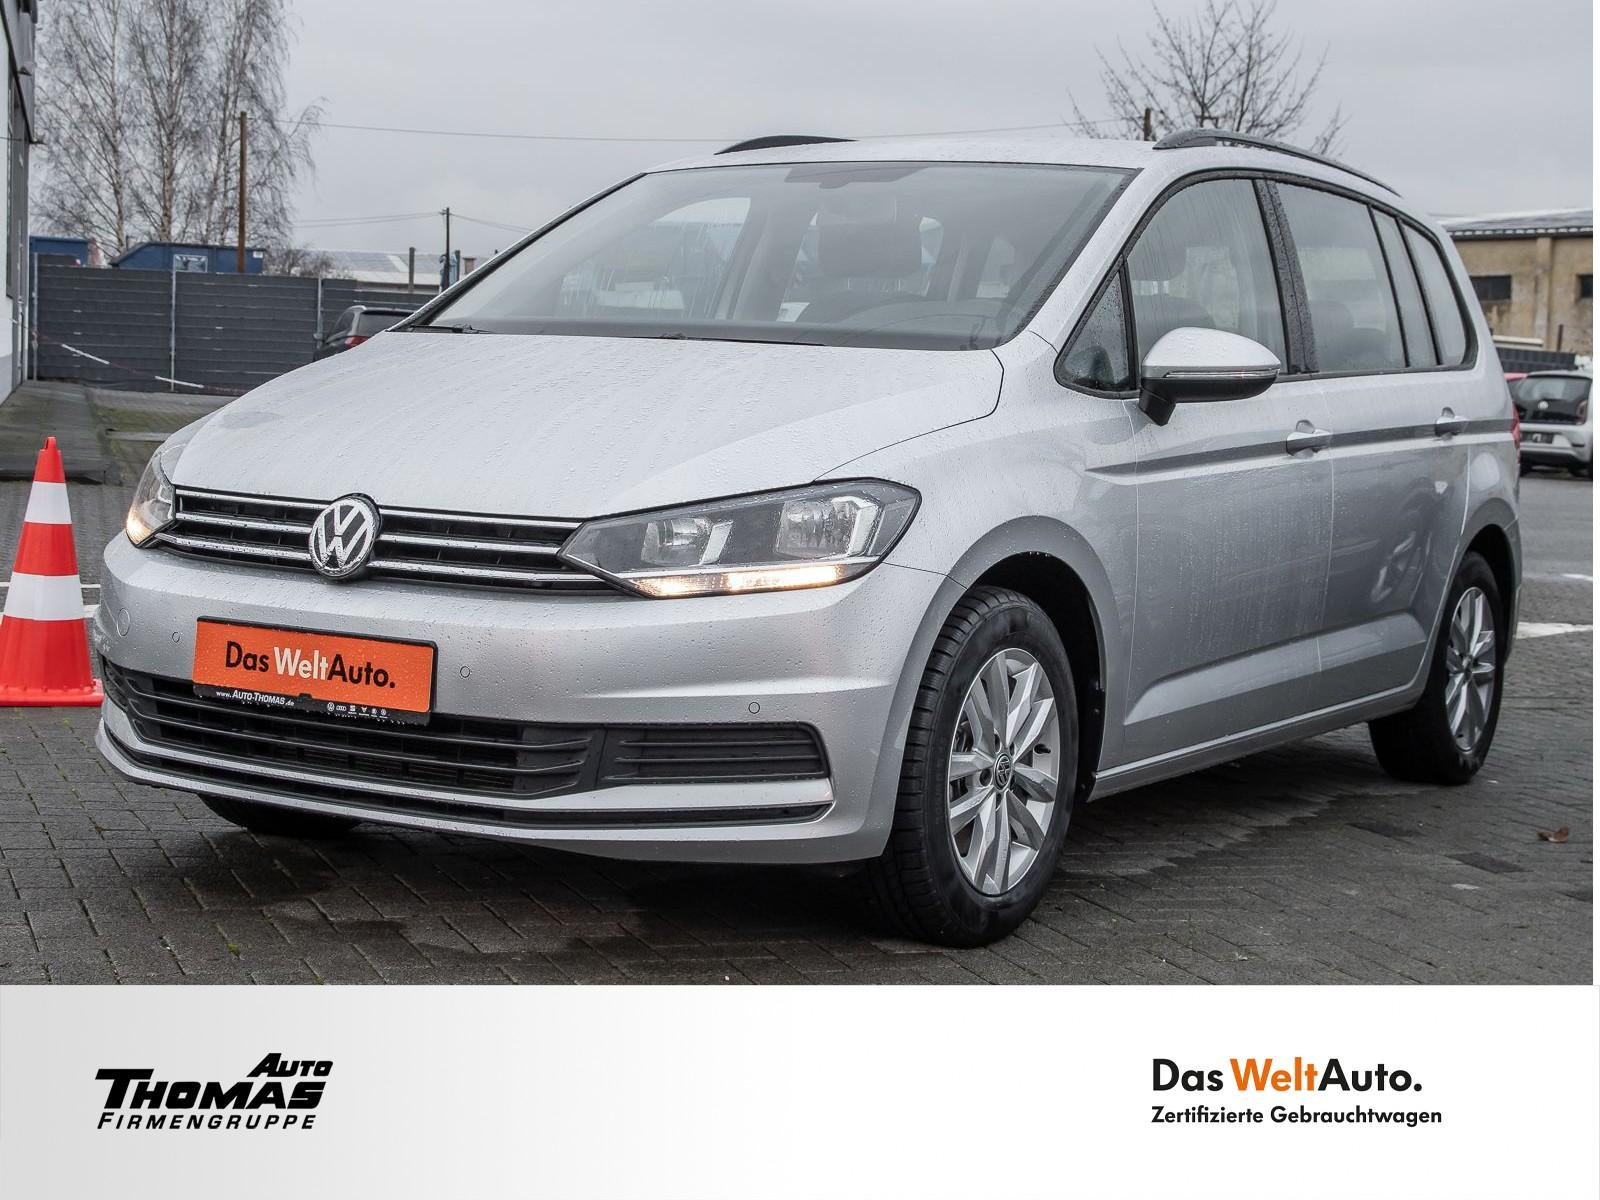 Volkswagen Touran Comfortline 1.5 TSI 150PS Navi / 7-Sitzer, Jahr 2019, Benzin